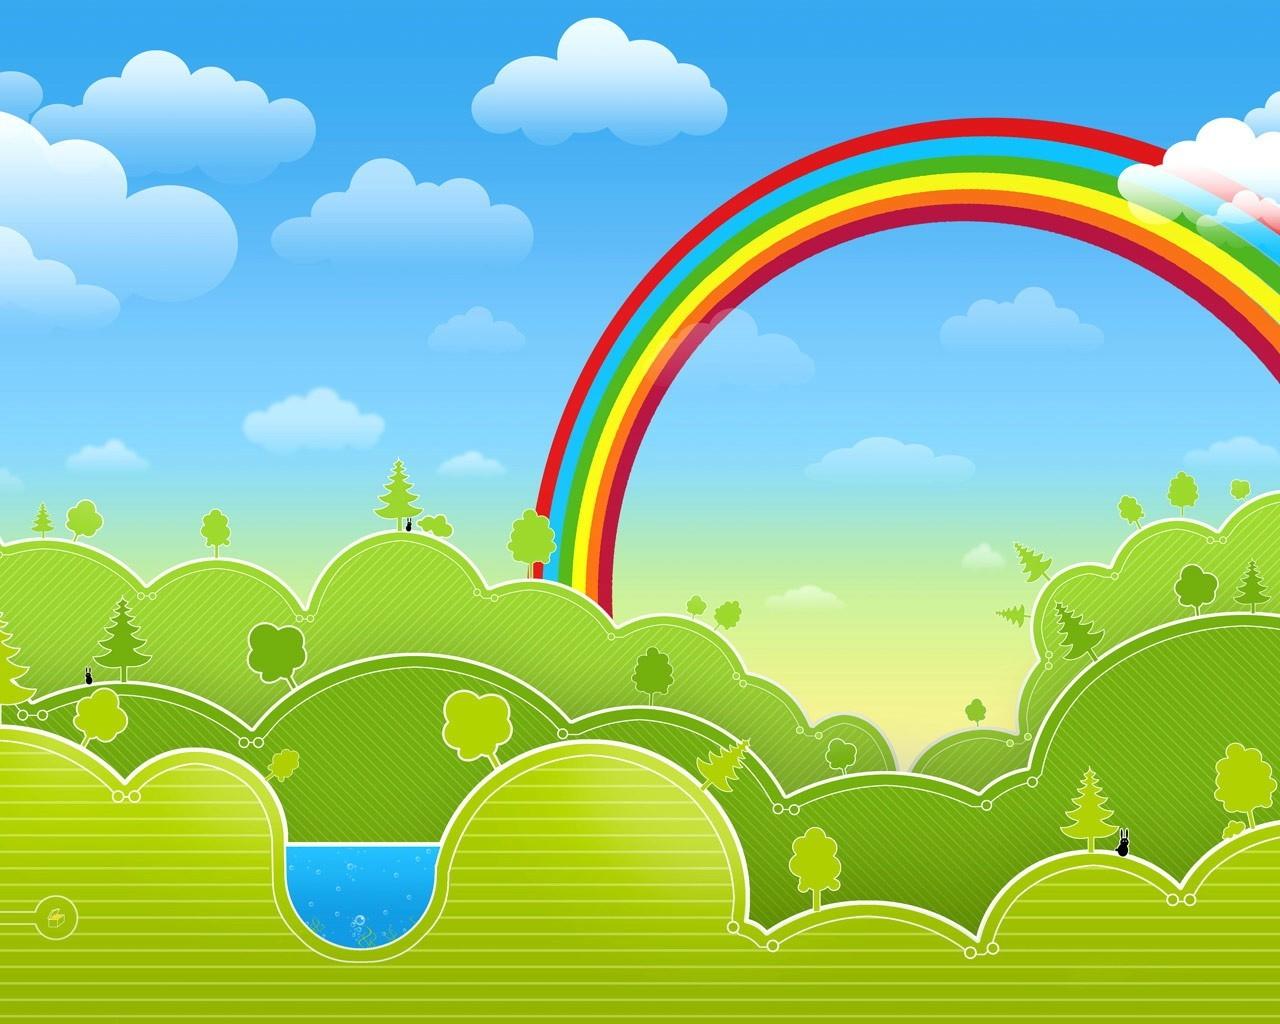 зеленые деревья, синее небо, радуга. скачать фото